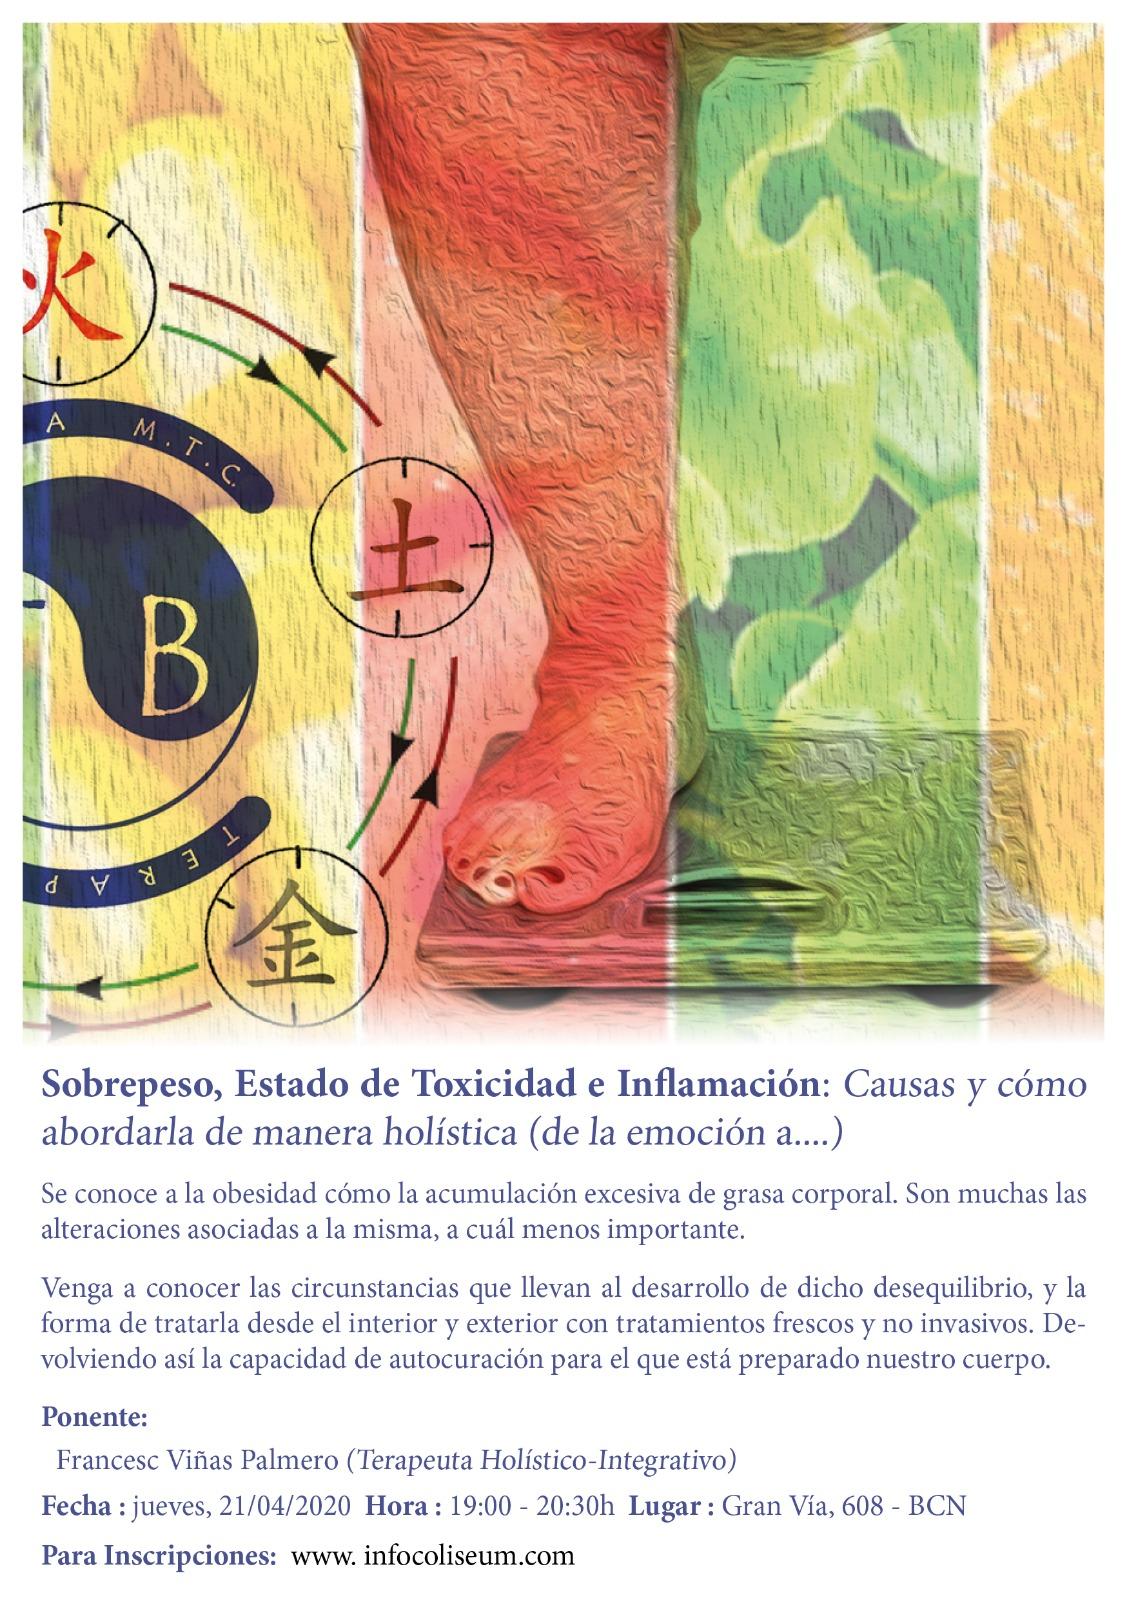 Sobrepeso, Estado de Toxicidad e inflamación: Causas y cómo abordarla